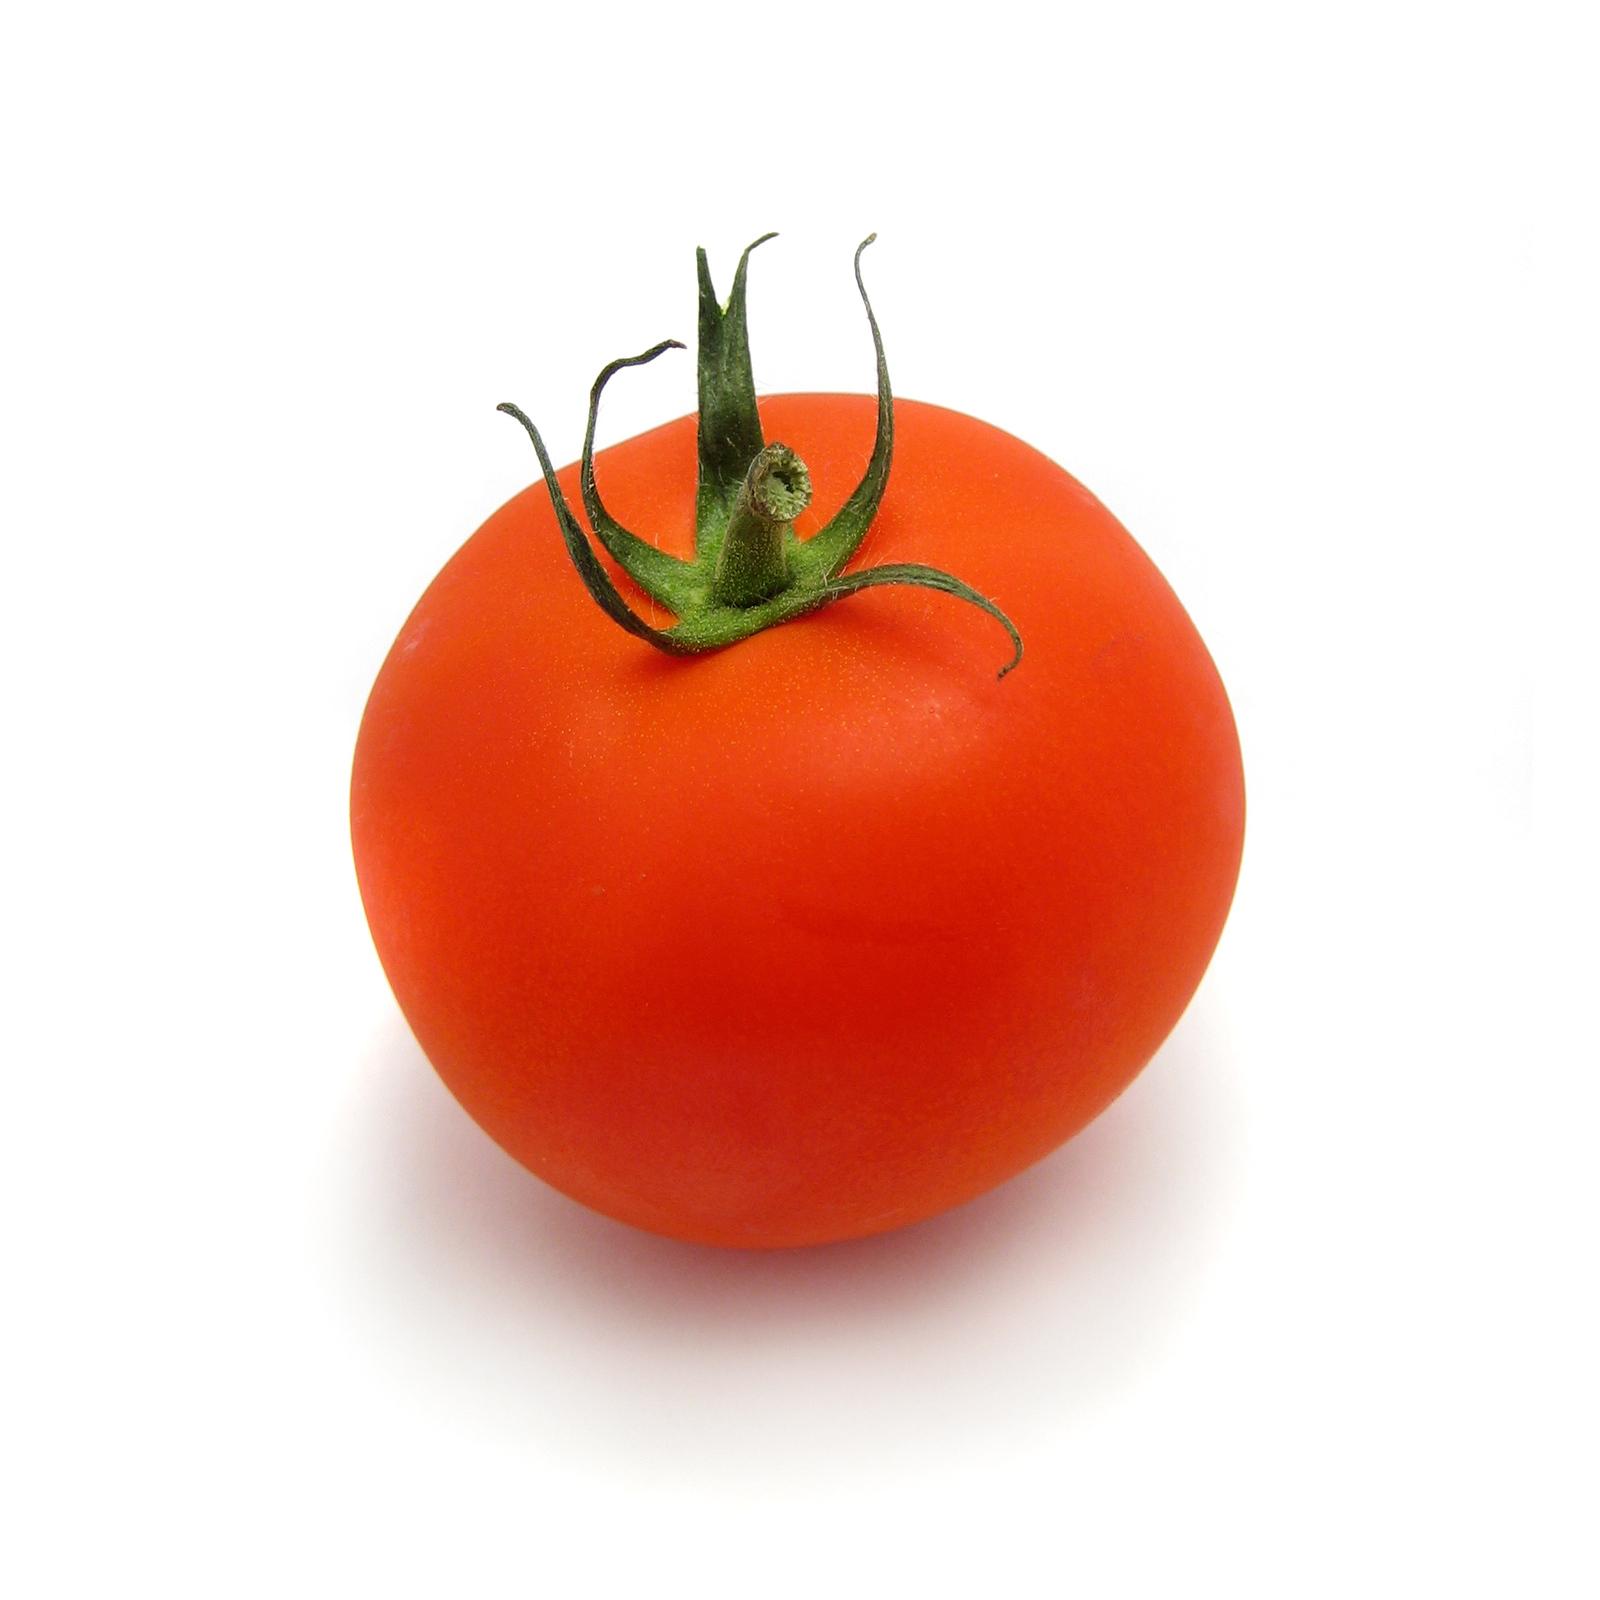 Tomato for breakfast